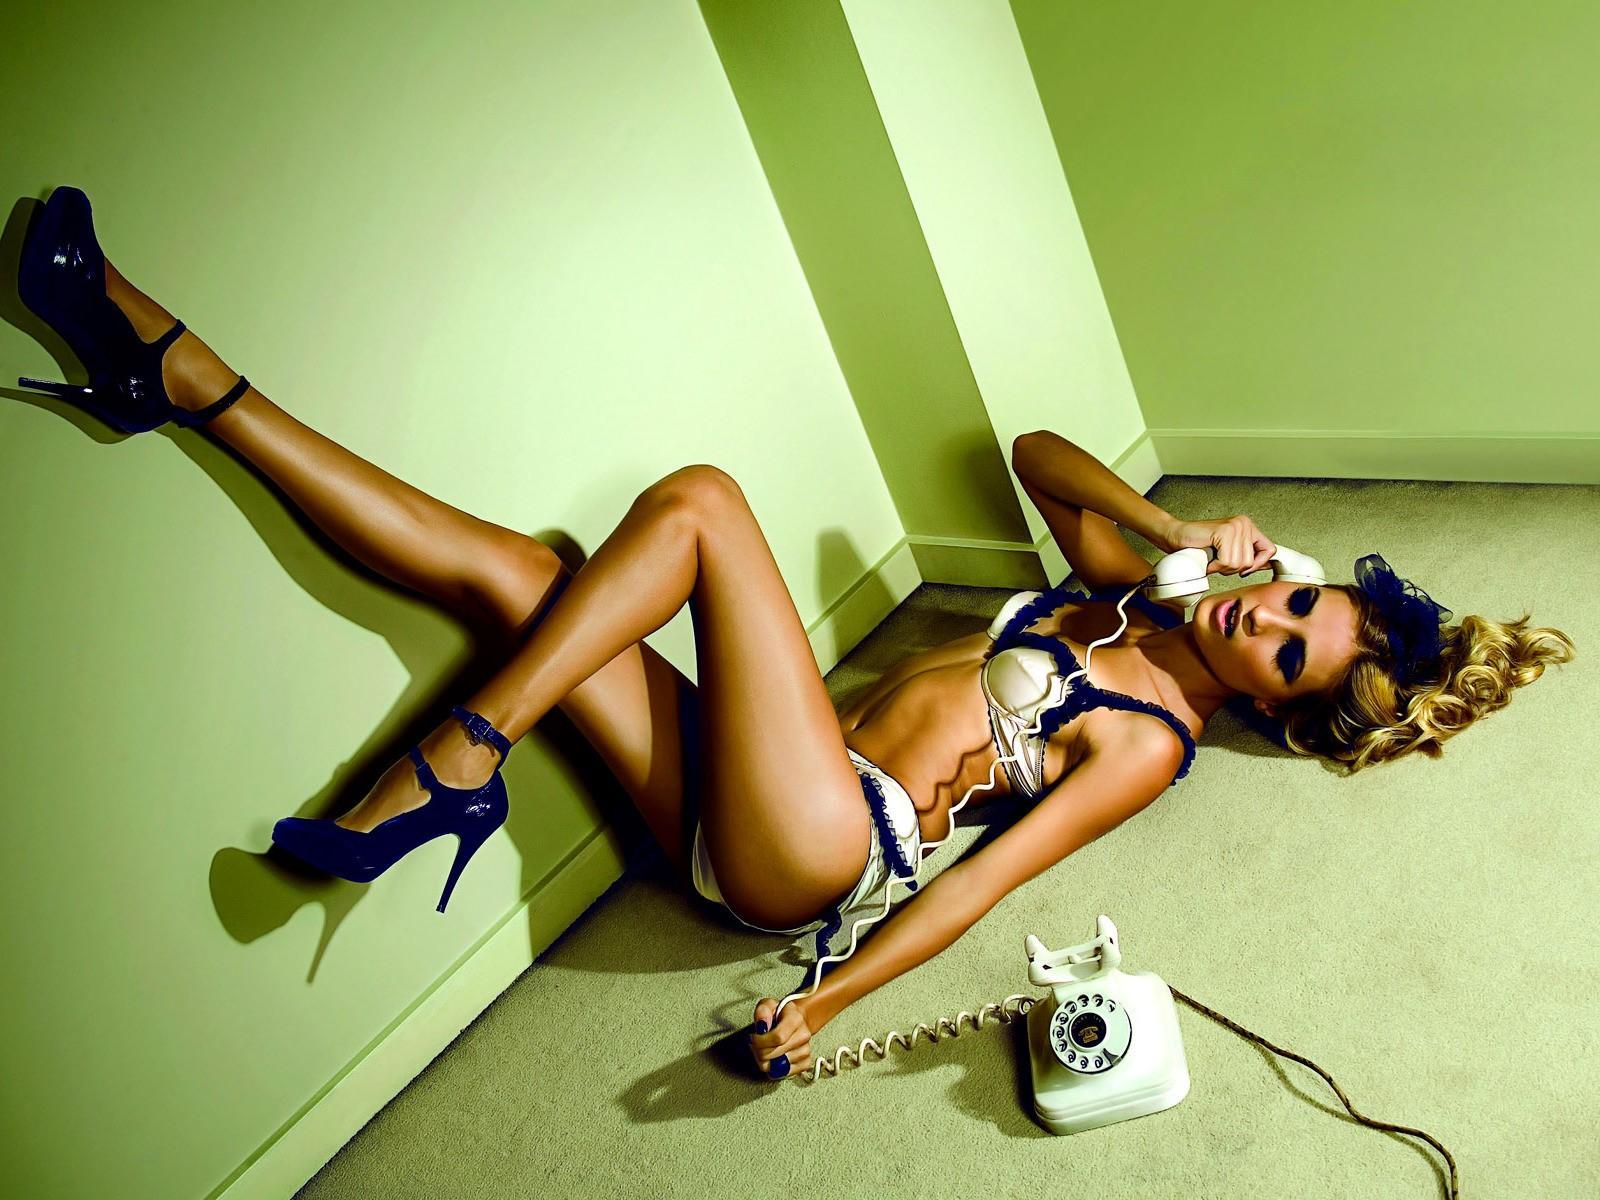 Дрочит голая женщина с телефонной трубкой корней